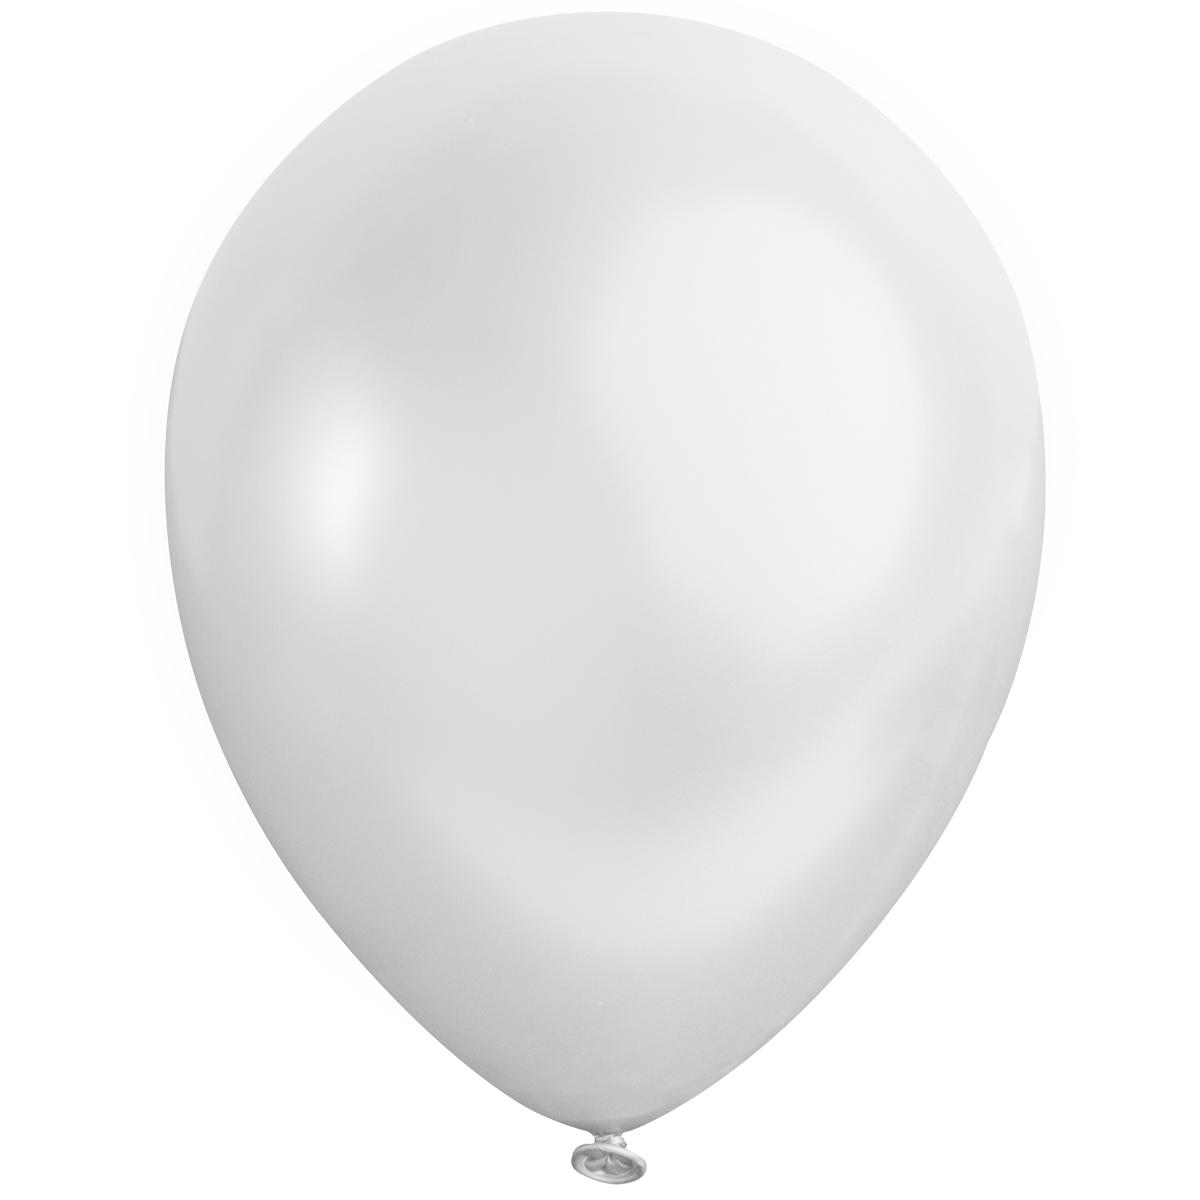 Ballong lösvikt satin, Vit